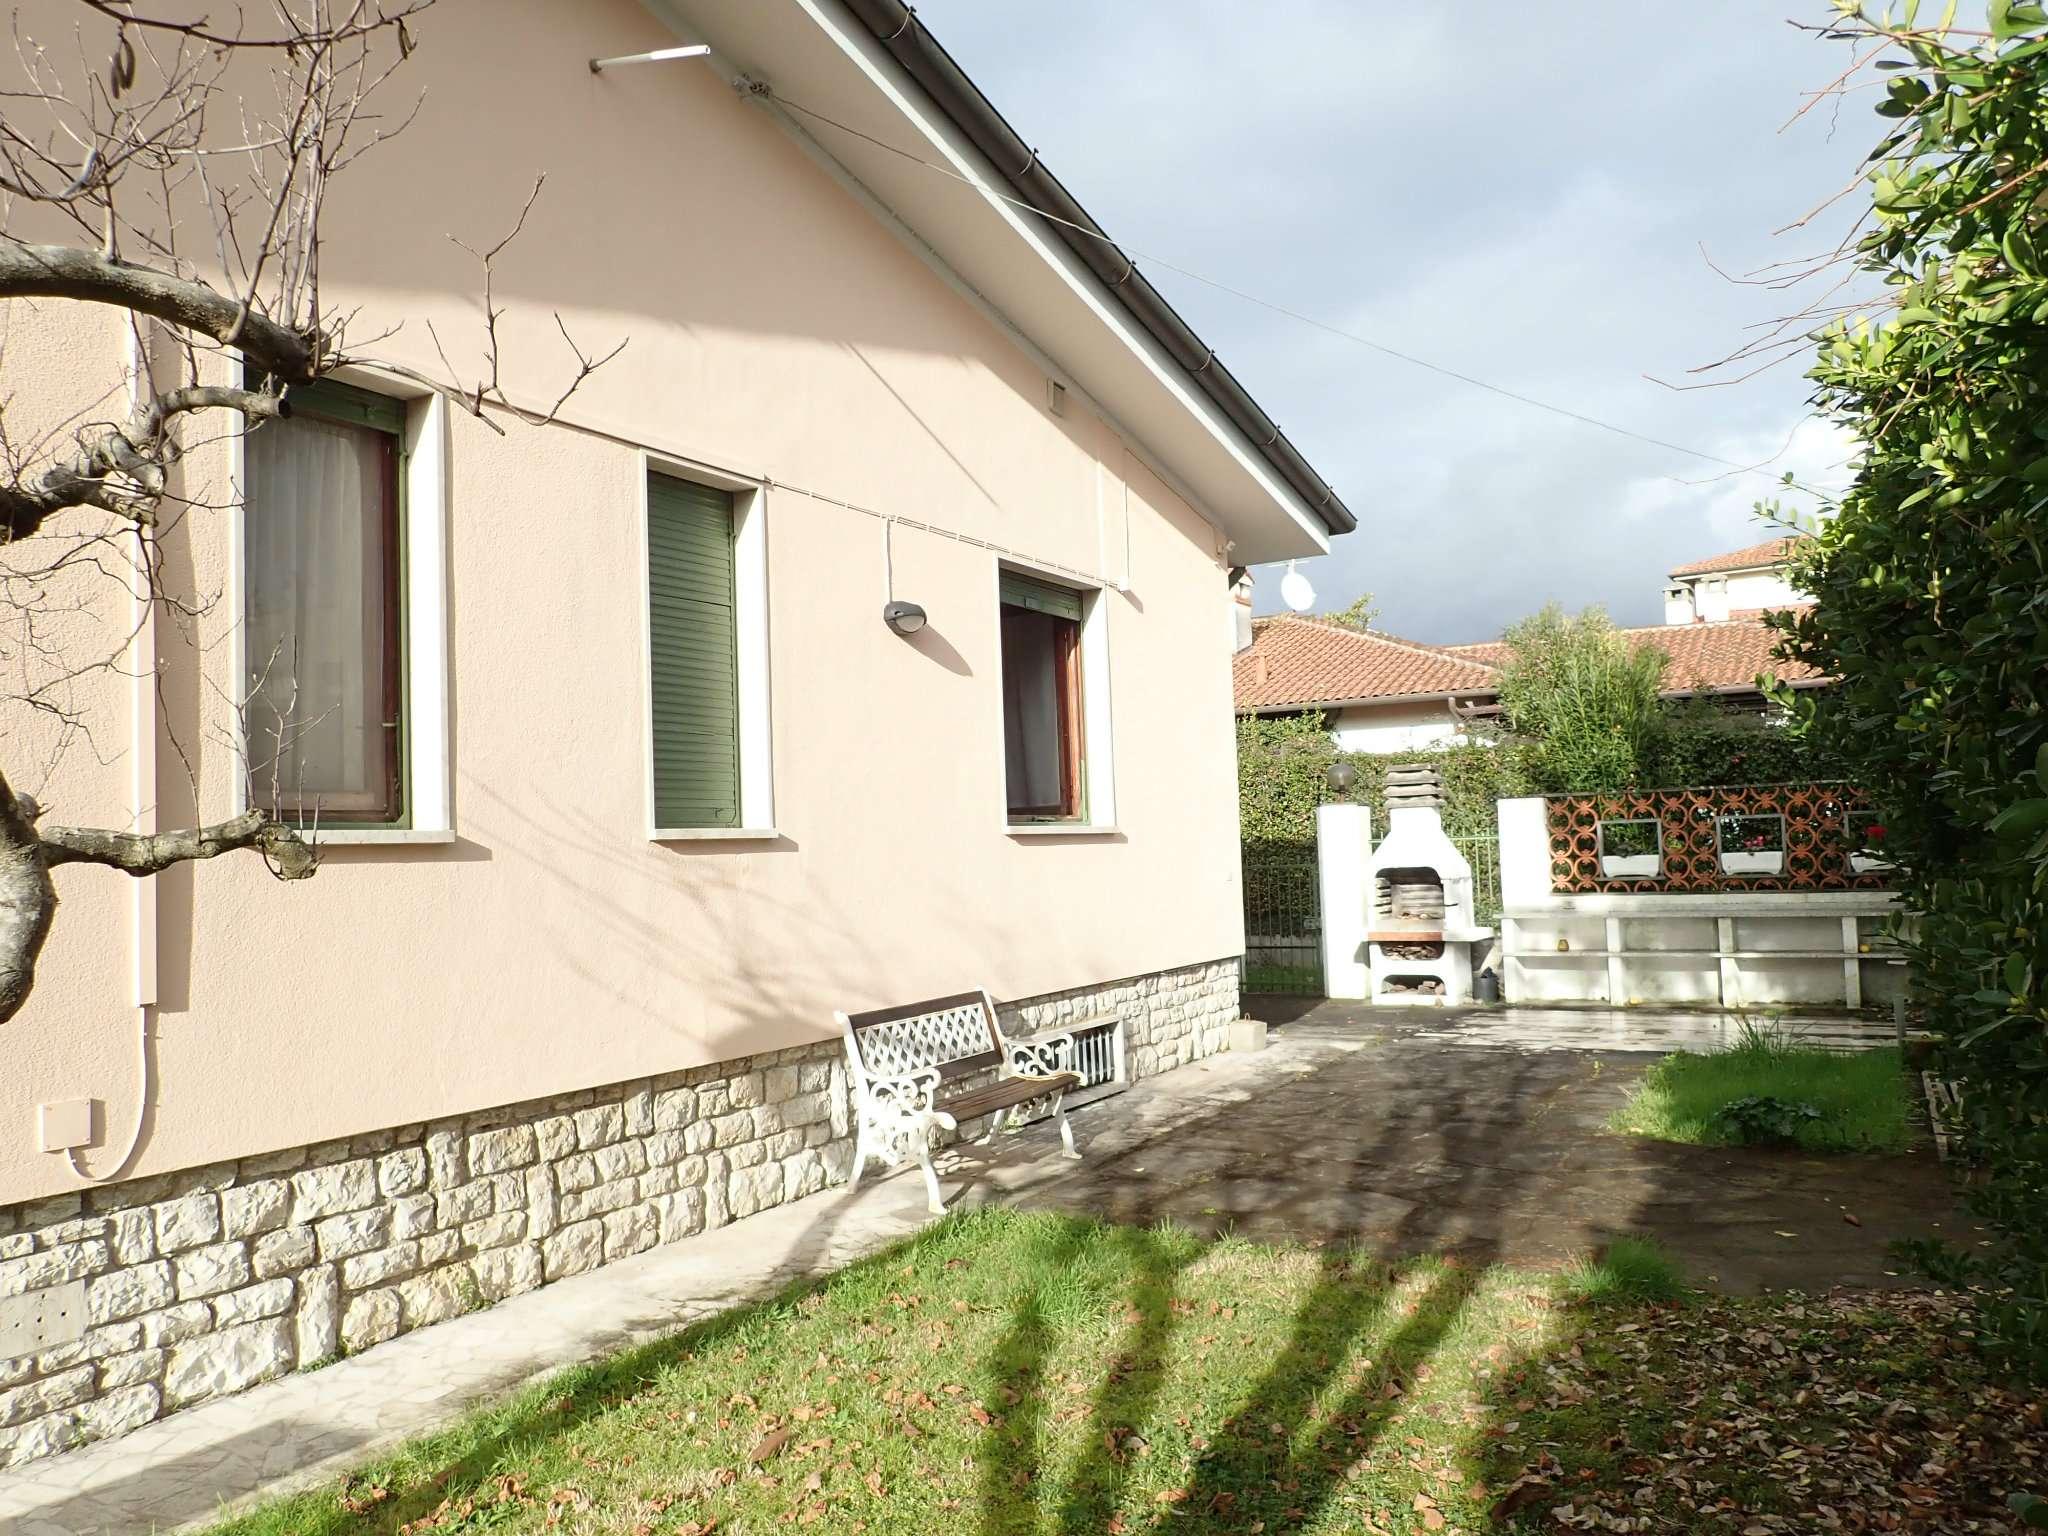 Villa in Vendita a Forte Dei Marmi: 5 locali, 200 mq - Foto 4